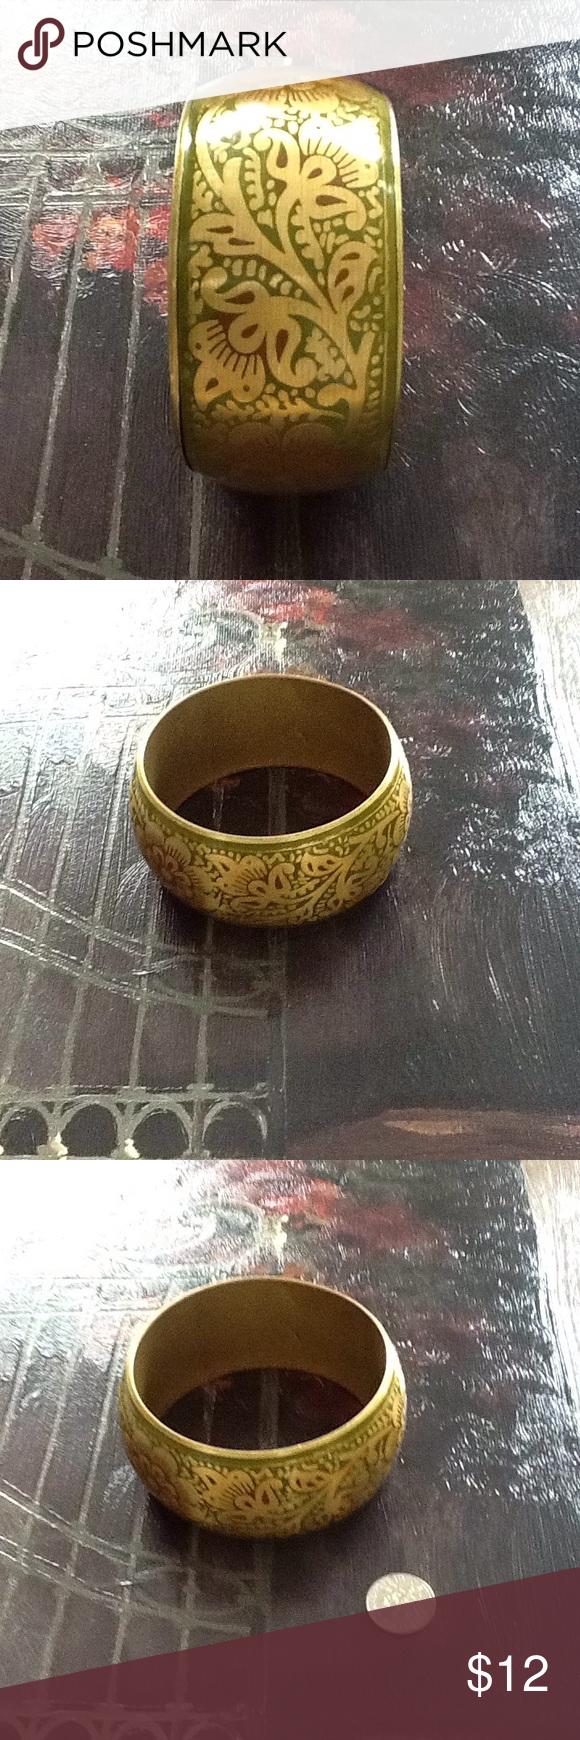 for vintage floral wide gold bracelet vintage floral